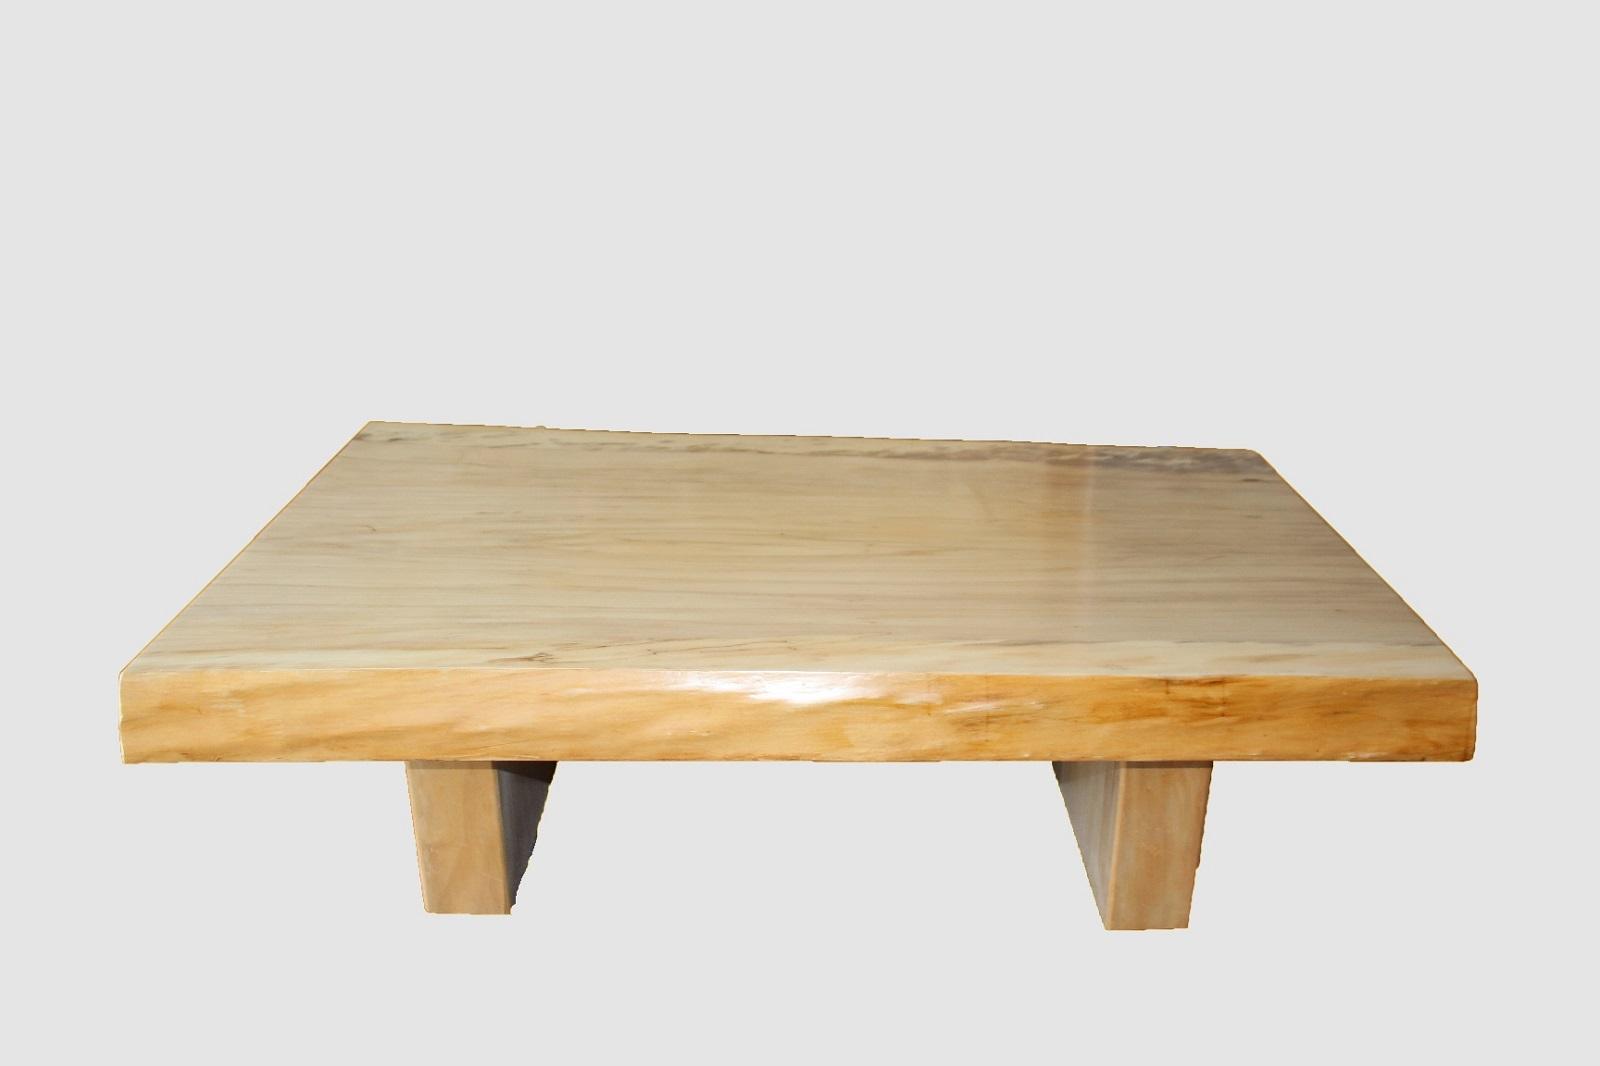 【52】座卓(テーブル)ポプラ・一枚天板【厚さ約8.0cm】